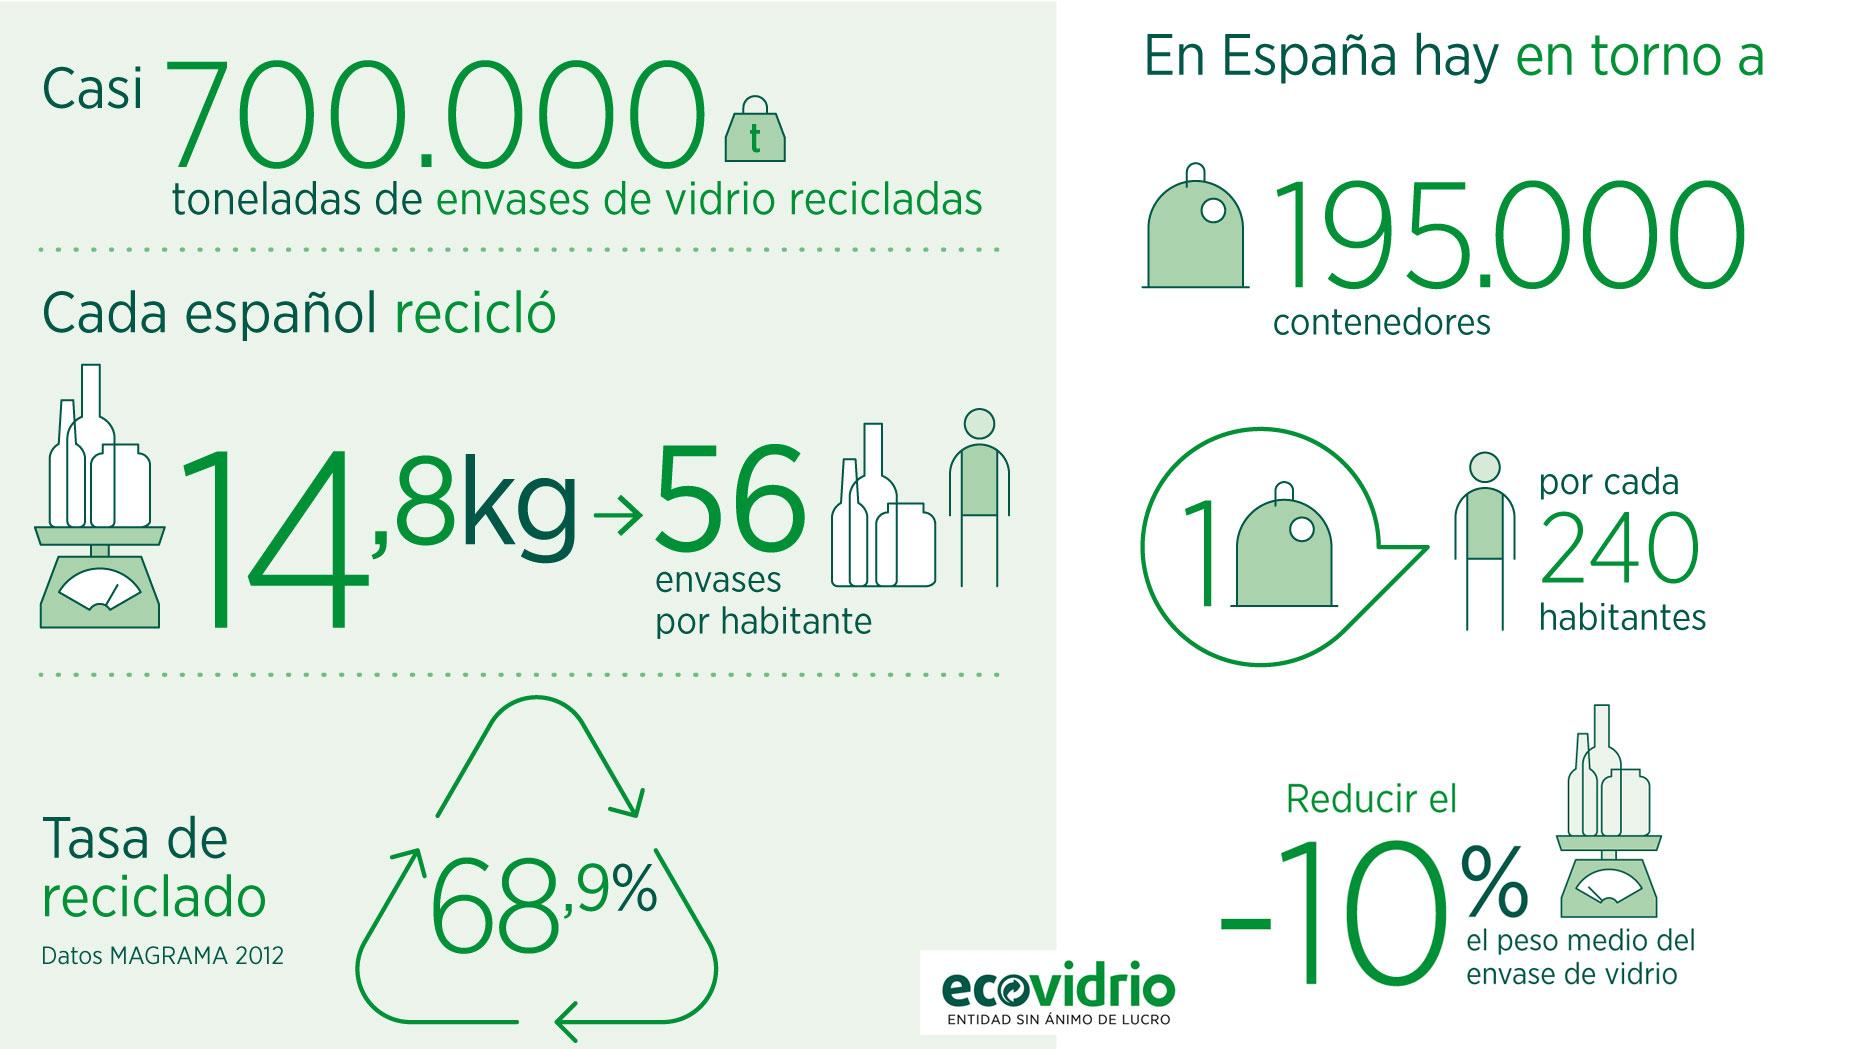 Los españoles reciclaron casi 700.000 toneladas de envases de vidrio en 2014